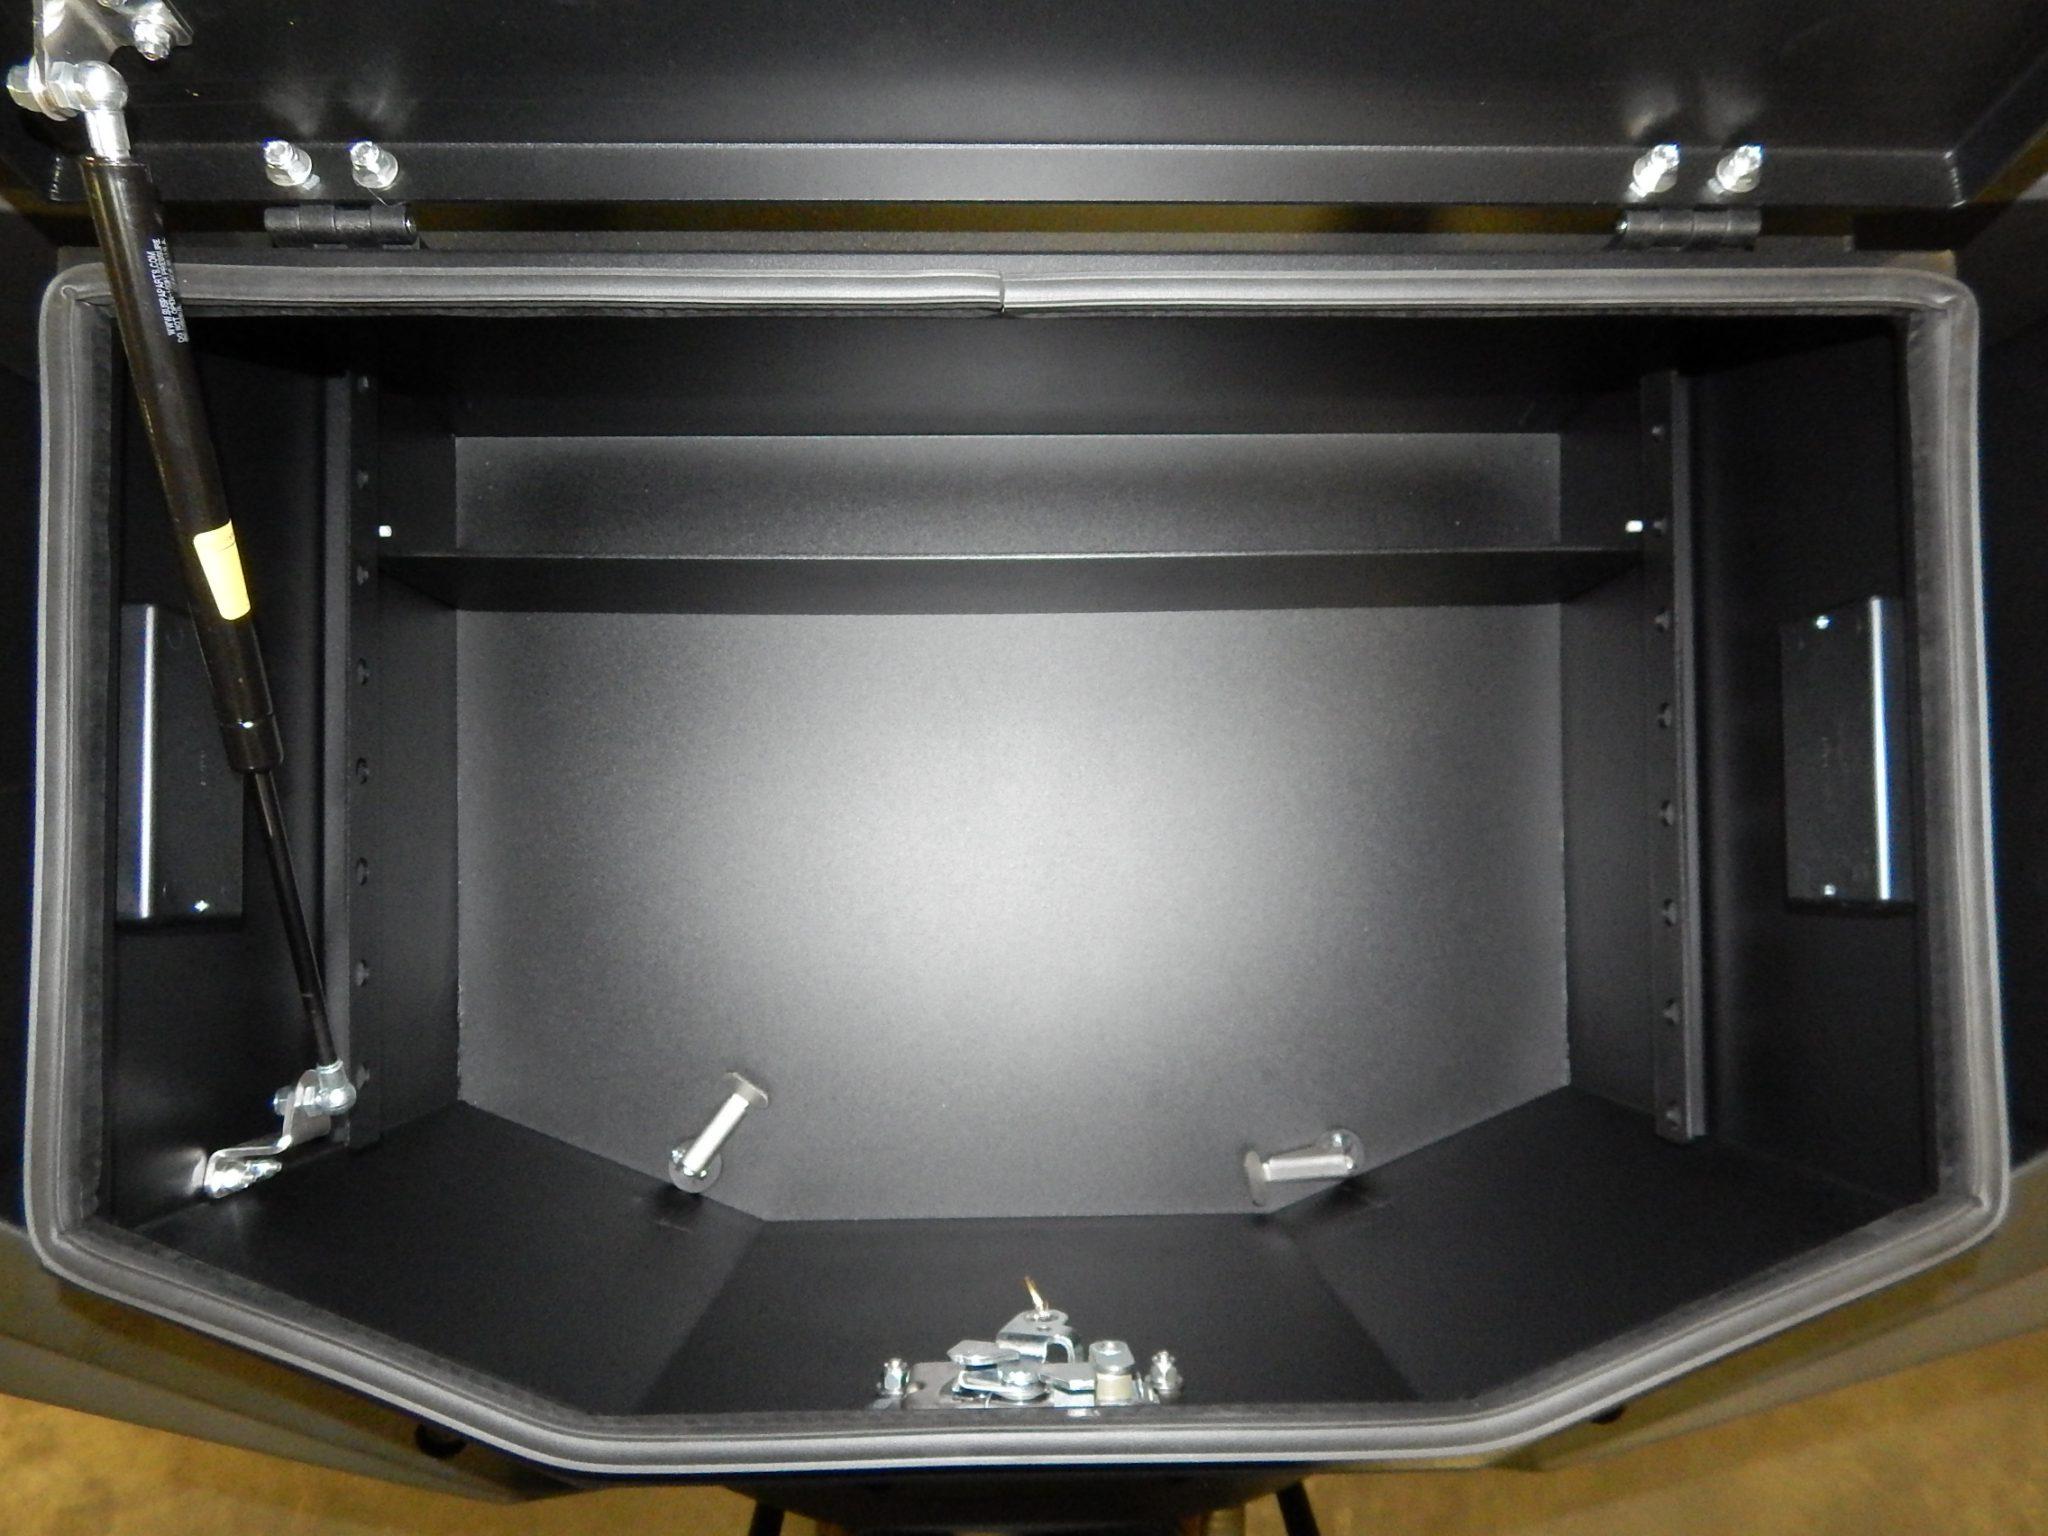 Axiom-CARGO BOX-Polaris,RZR 900 Trail • Axiom Side by Side